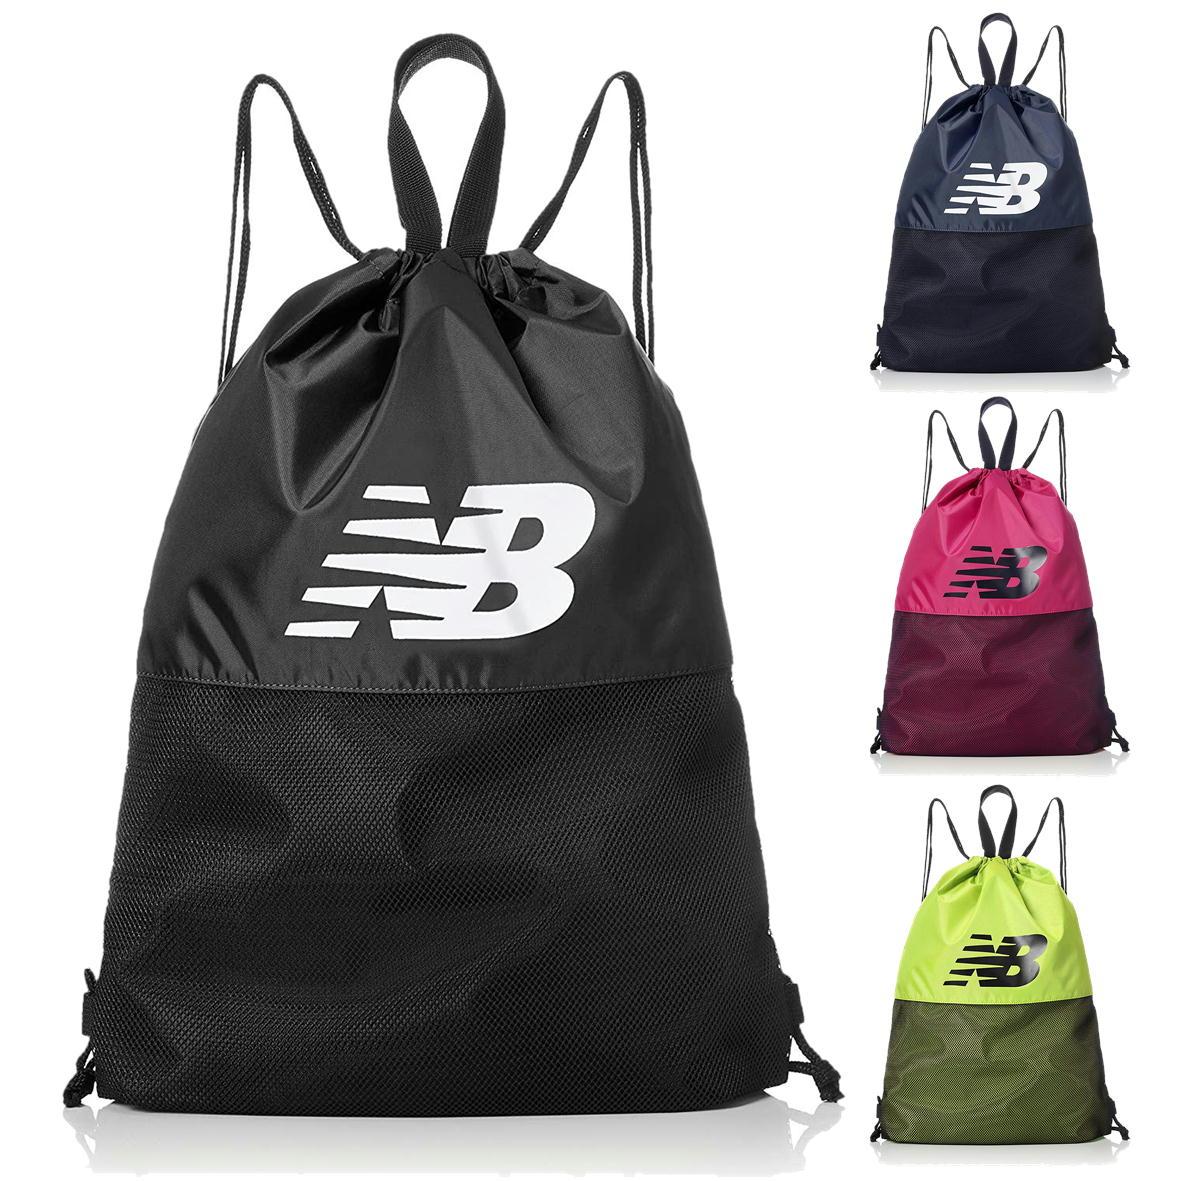 ニューバランス ジムサック ナップサック ブランドバッグ new balanceスポーツバッグ JABP8535